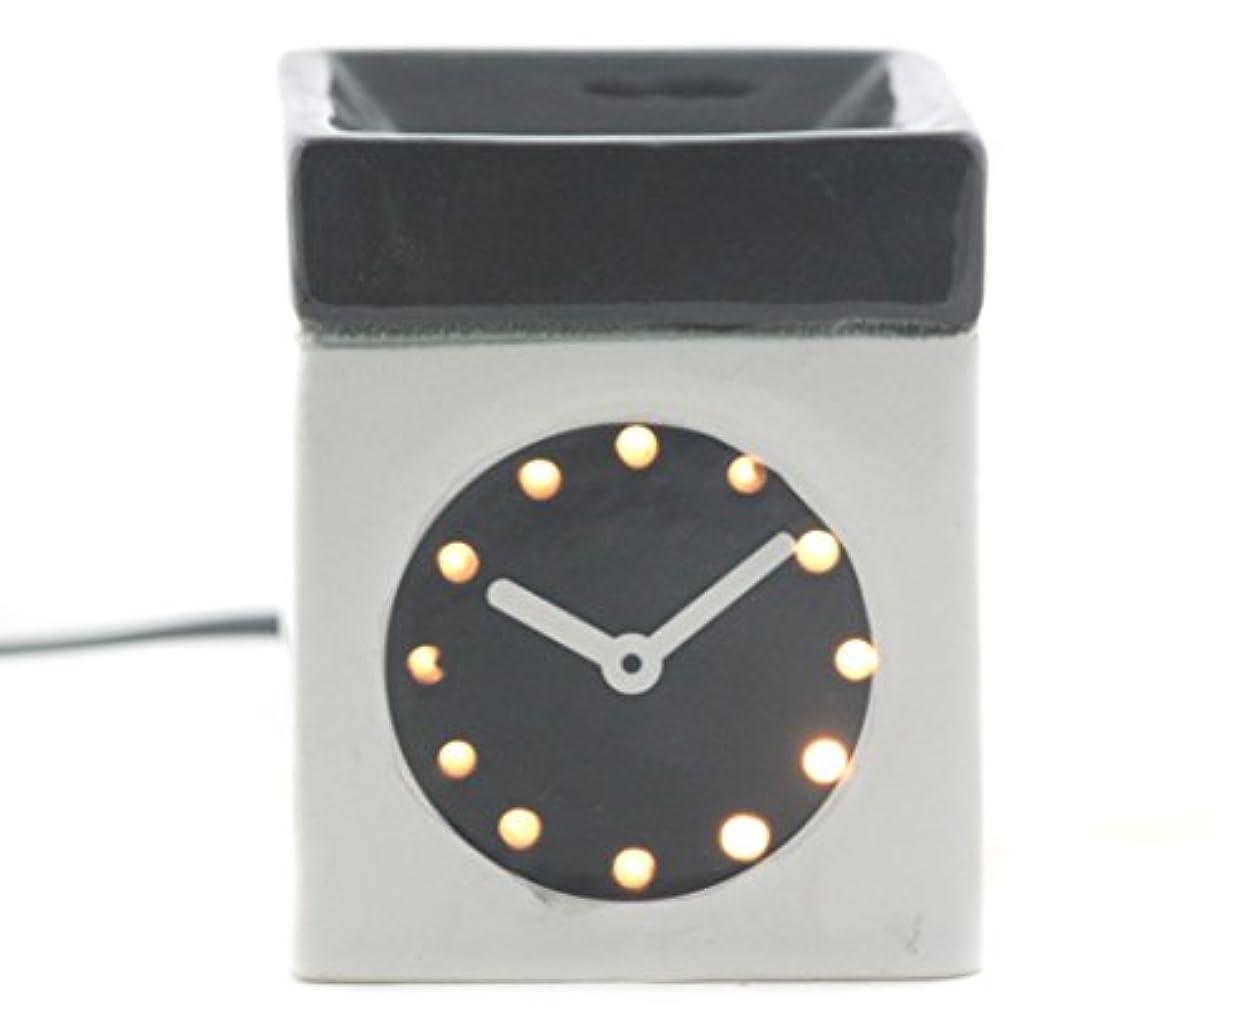 見ました明確なレキシコンKarguzzari セラミック 電気 アロマディフューザー ワイヤー オイルウォーマー ディスペンサー コード付き アロマ オイルバーナー エッセンシャルオイル ディフューザー アロマセラピー ランプ 腕時計 OCER...